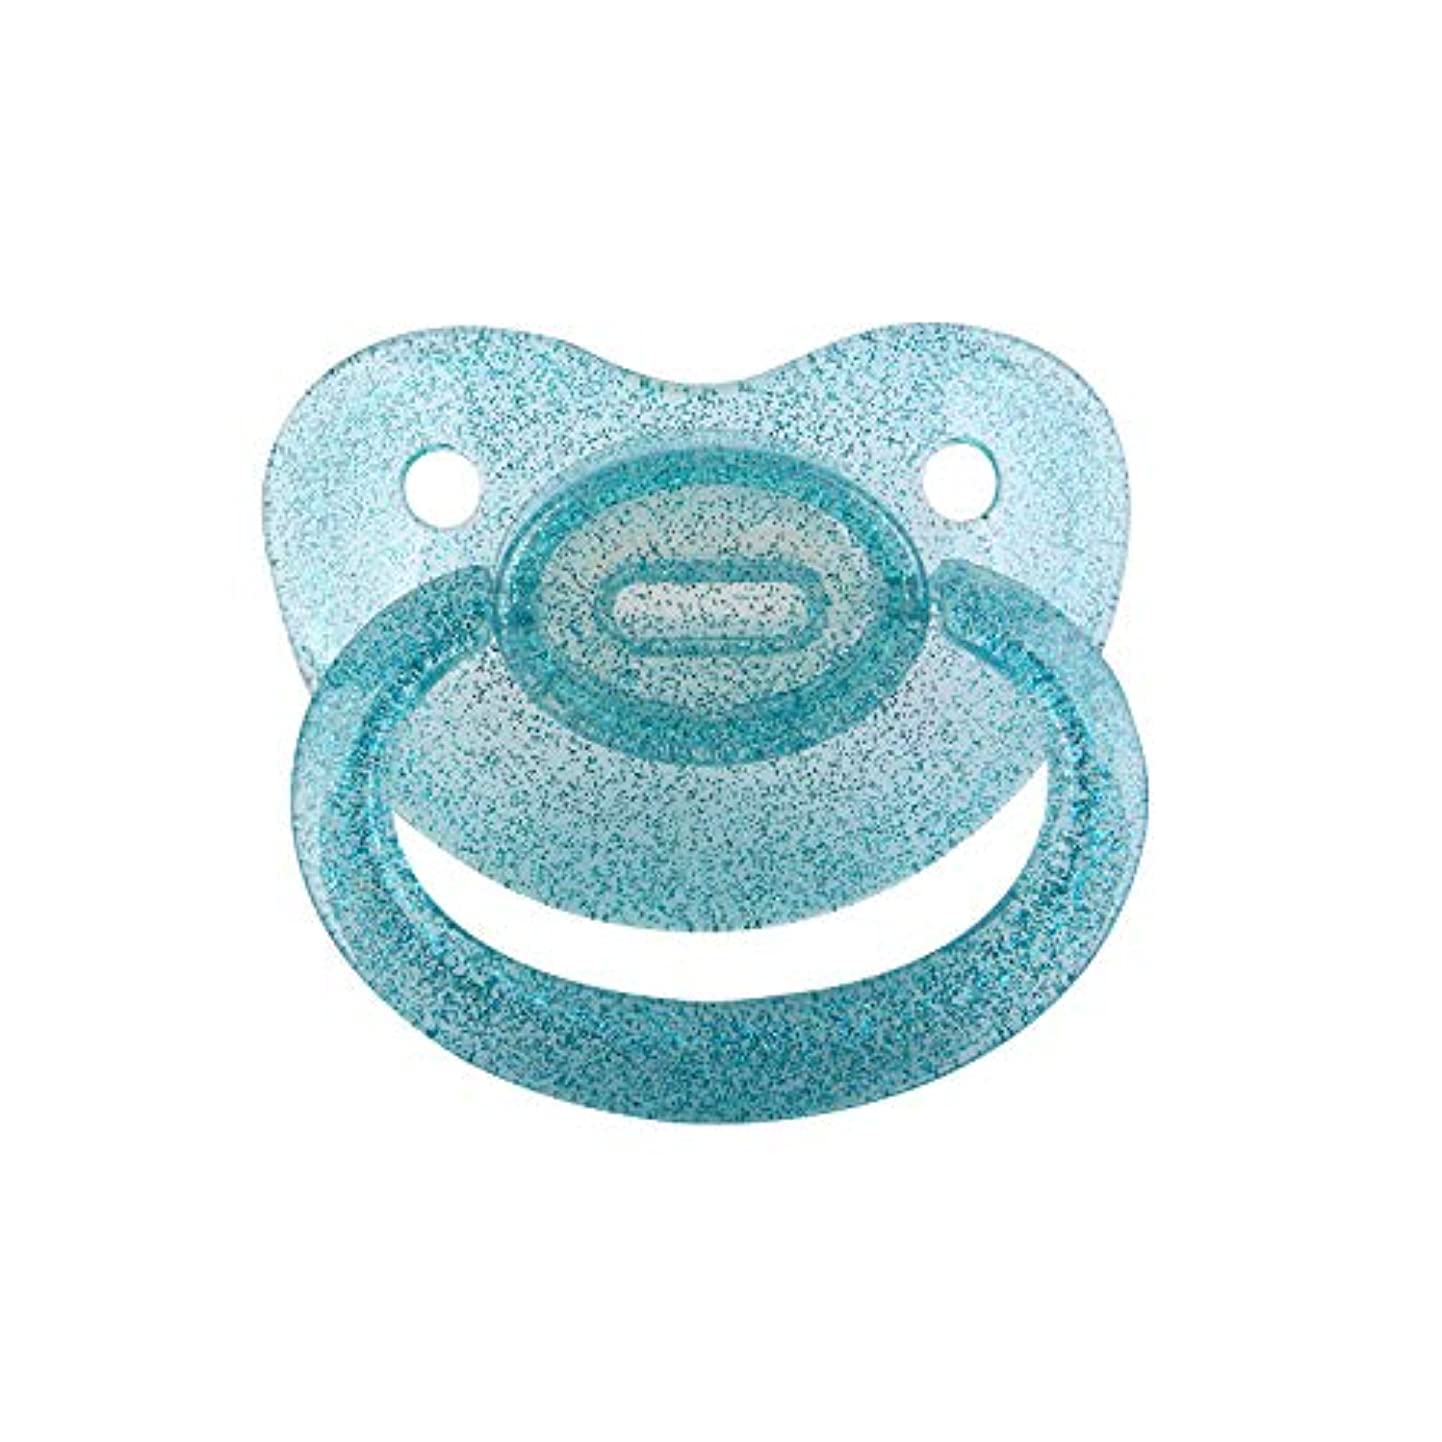 お手入れいたずら罪悪感大人のおもちゃのためのABDLおしゃぶり工芸品 (绿)